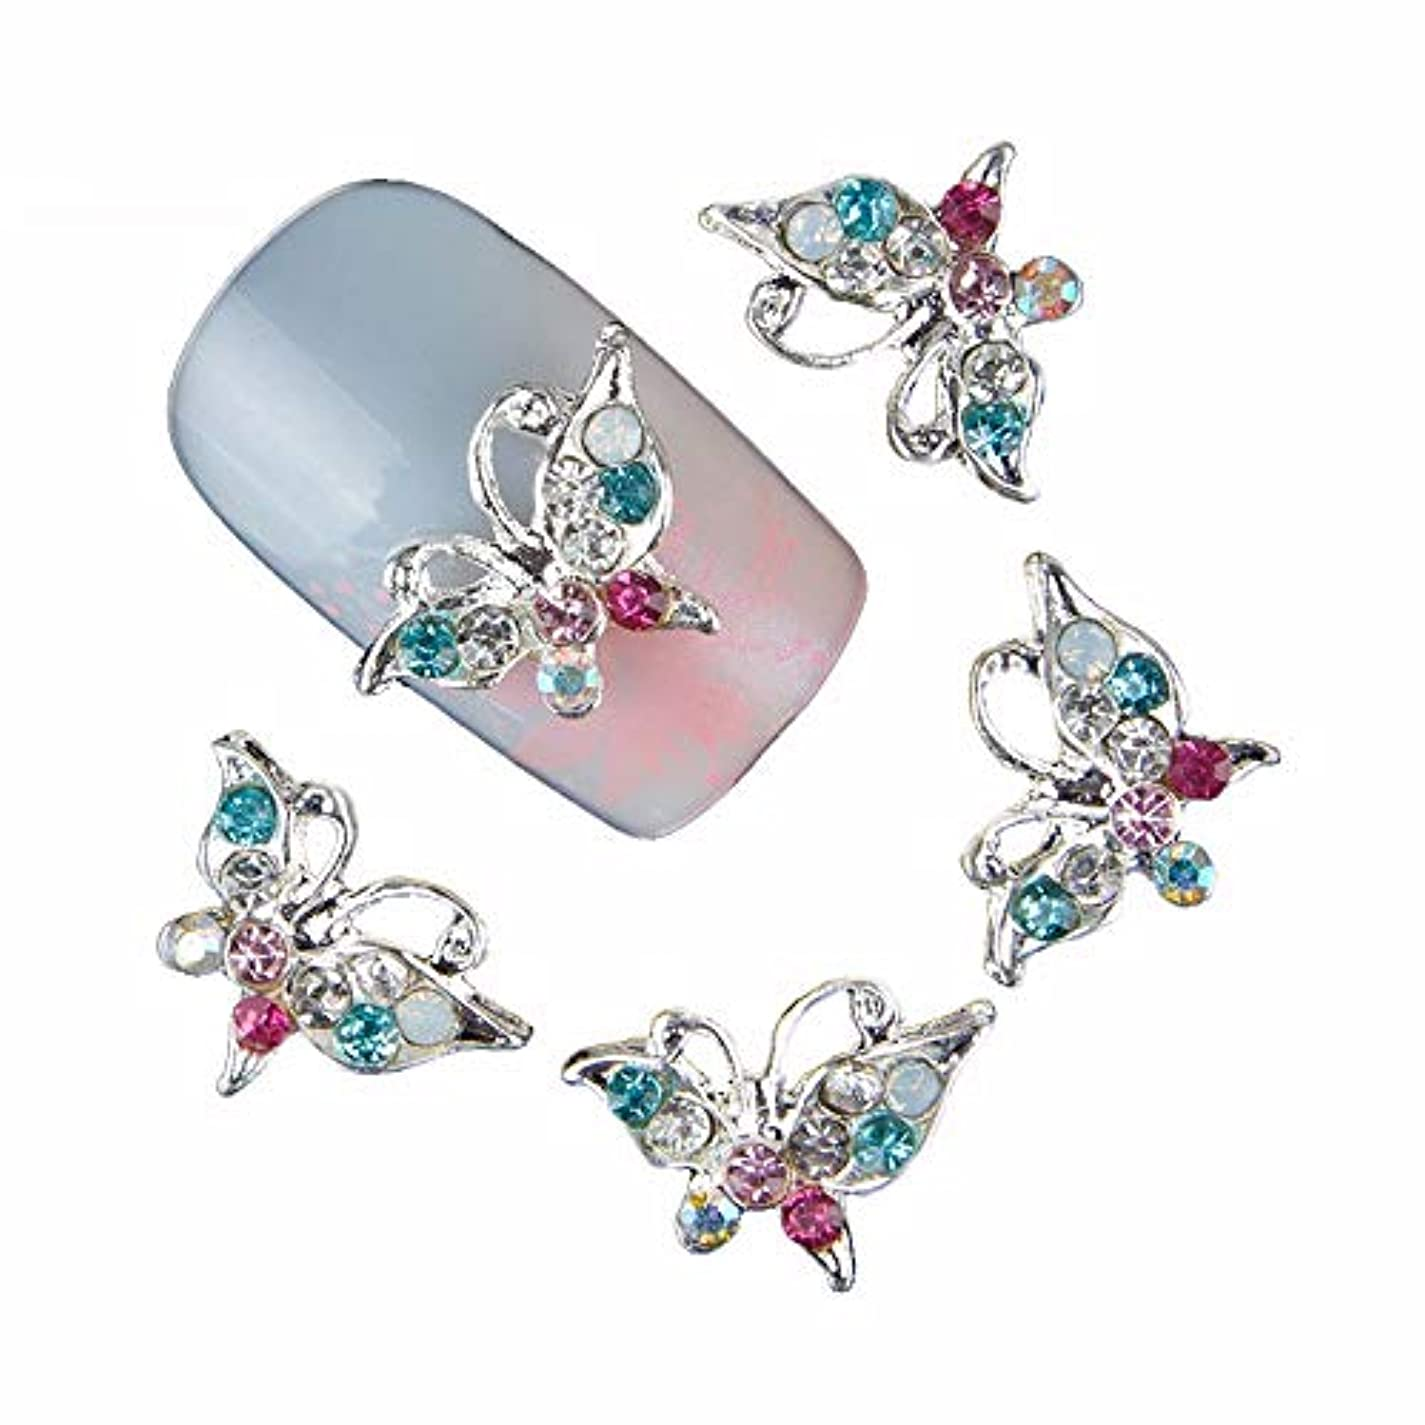 生物学後継可塑性10個入り/ロットグリッターラインストーンネイル蝶のデザインネイルズアートの装飾合金3Dストラススタッド付属品